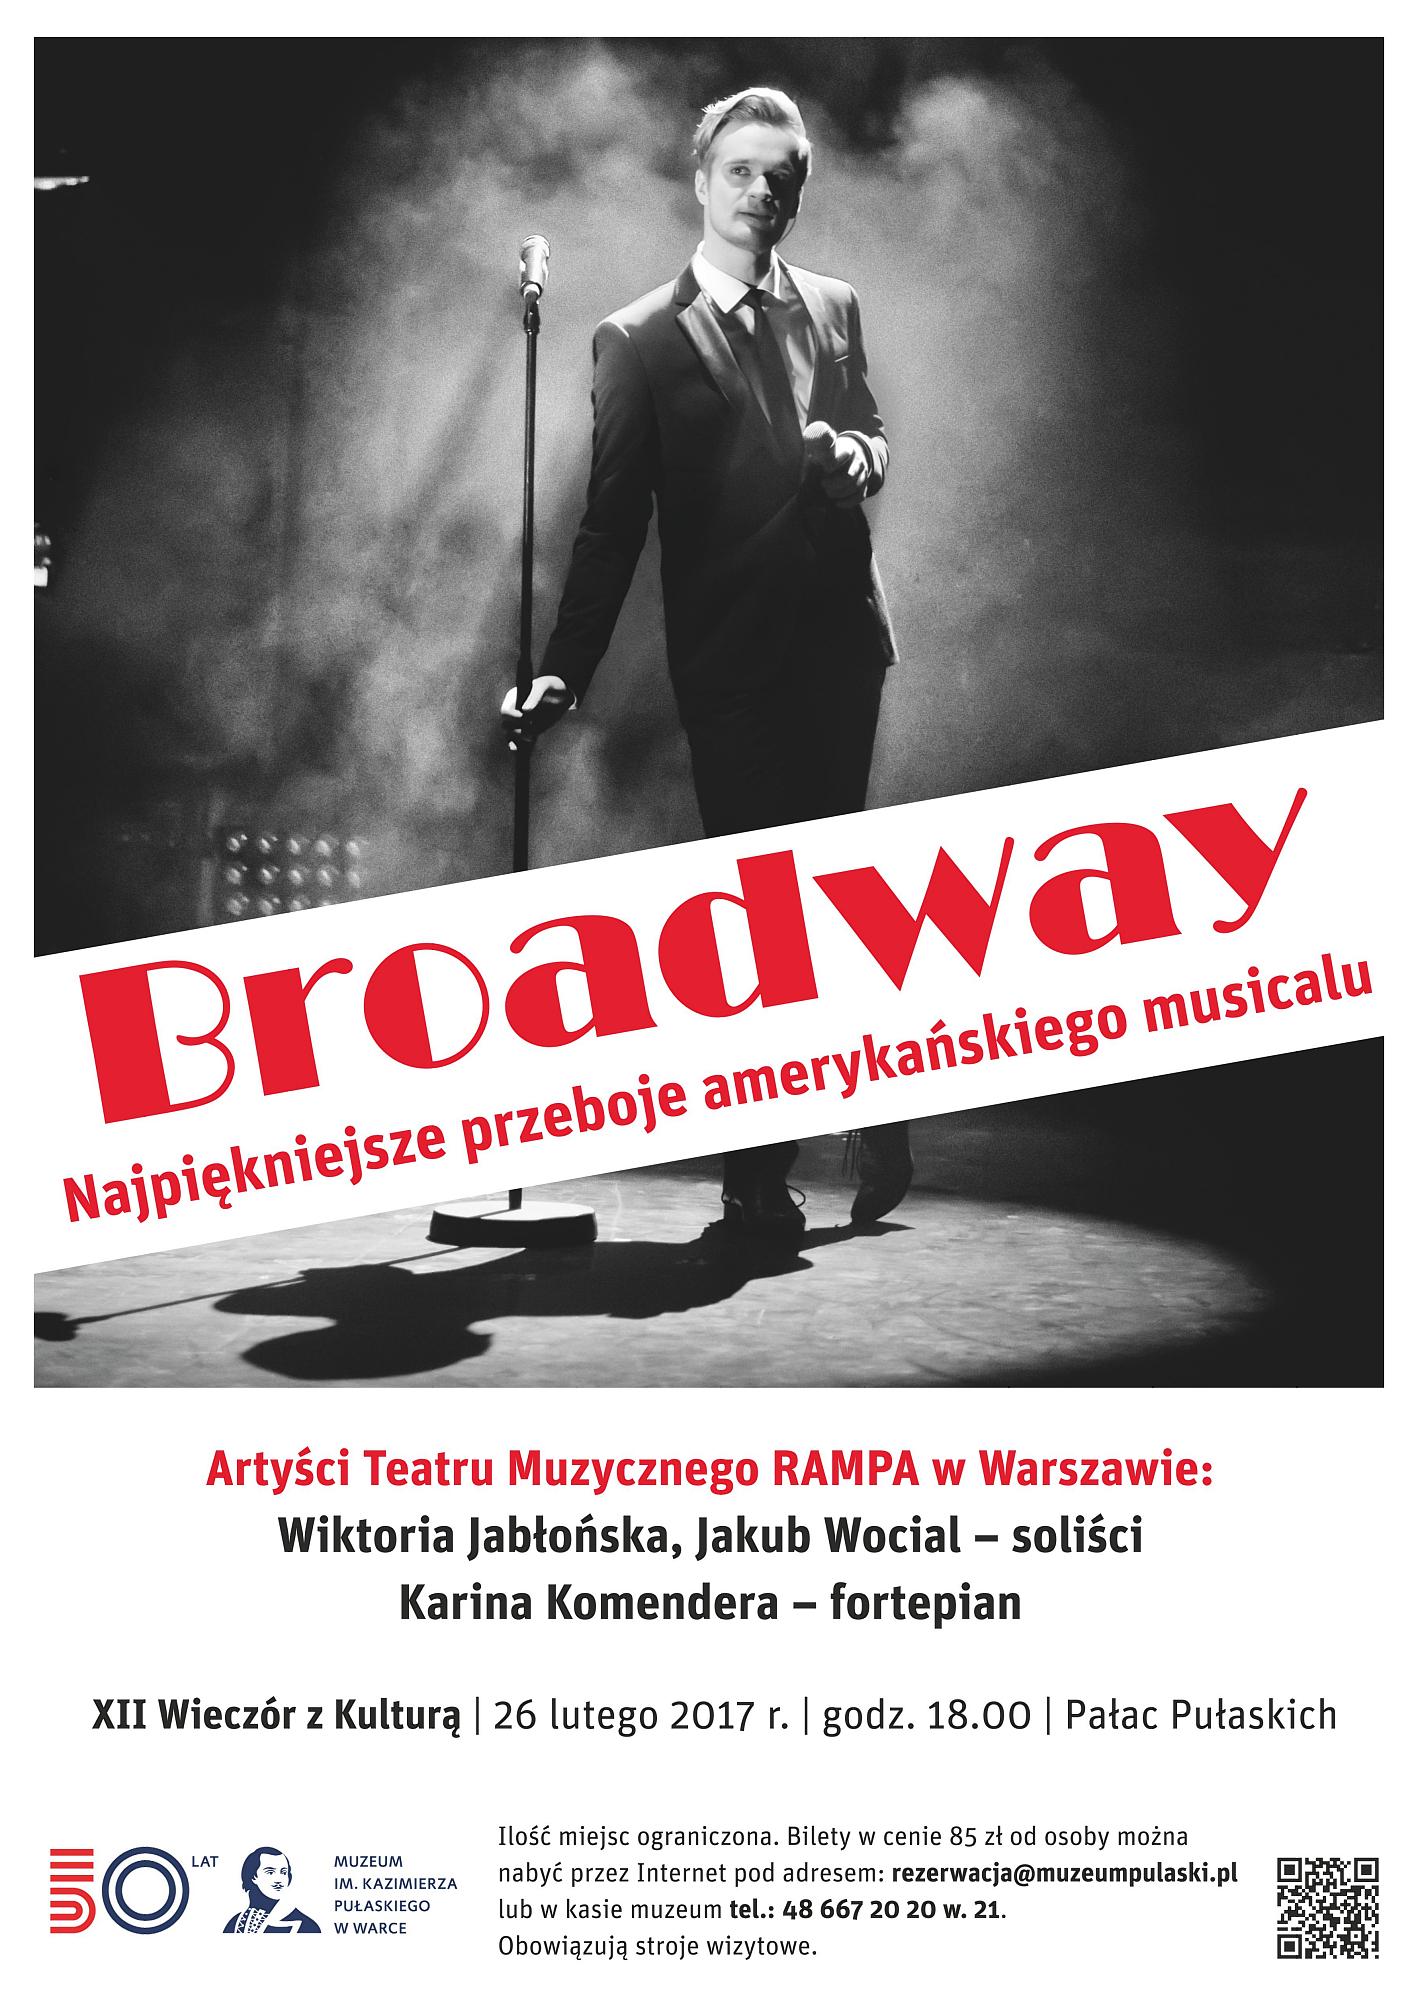 Xii Wieczór Z Kulturą Broadway W Polsce